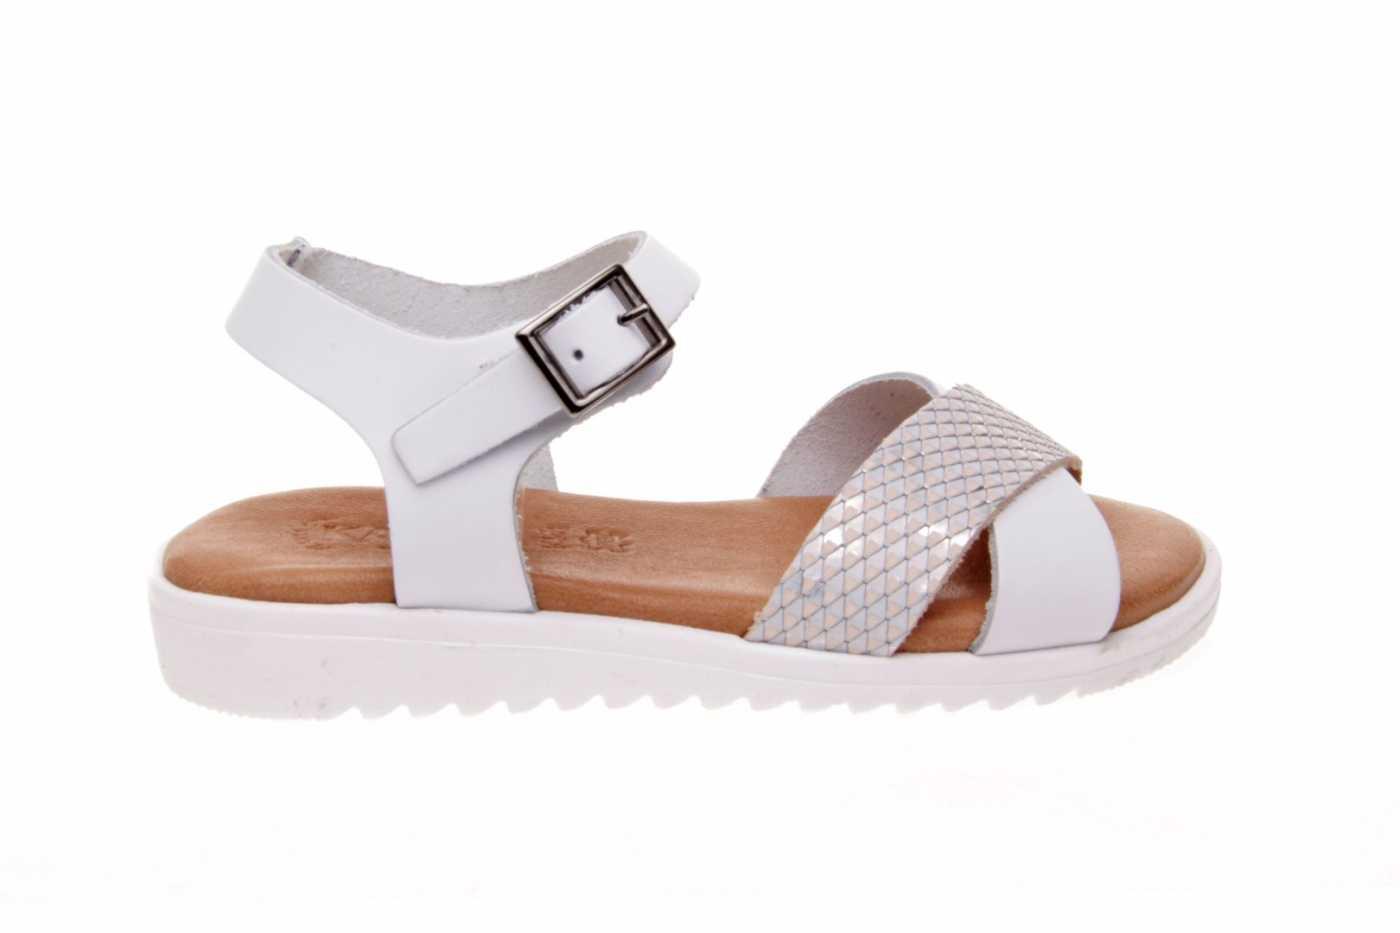 Piel Joven Comprar Zapato Tipo Niña Sandalia Color Blanco Estilo XZwOkuTlPi